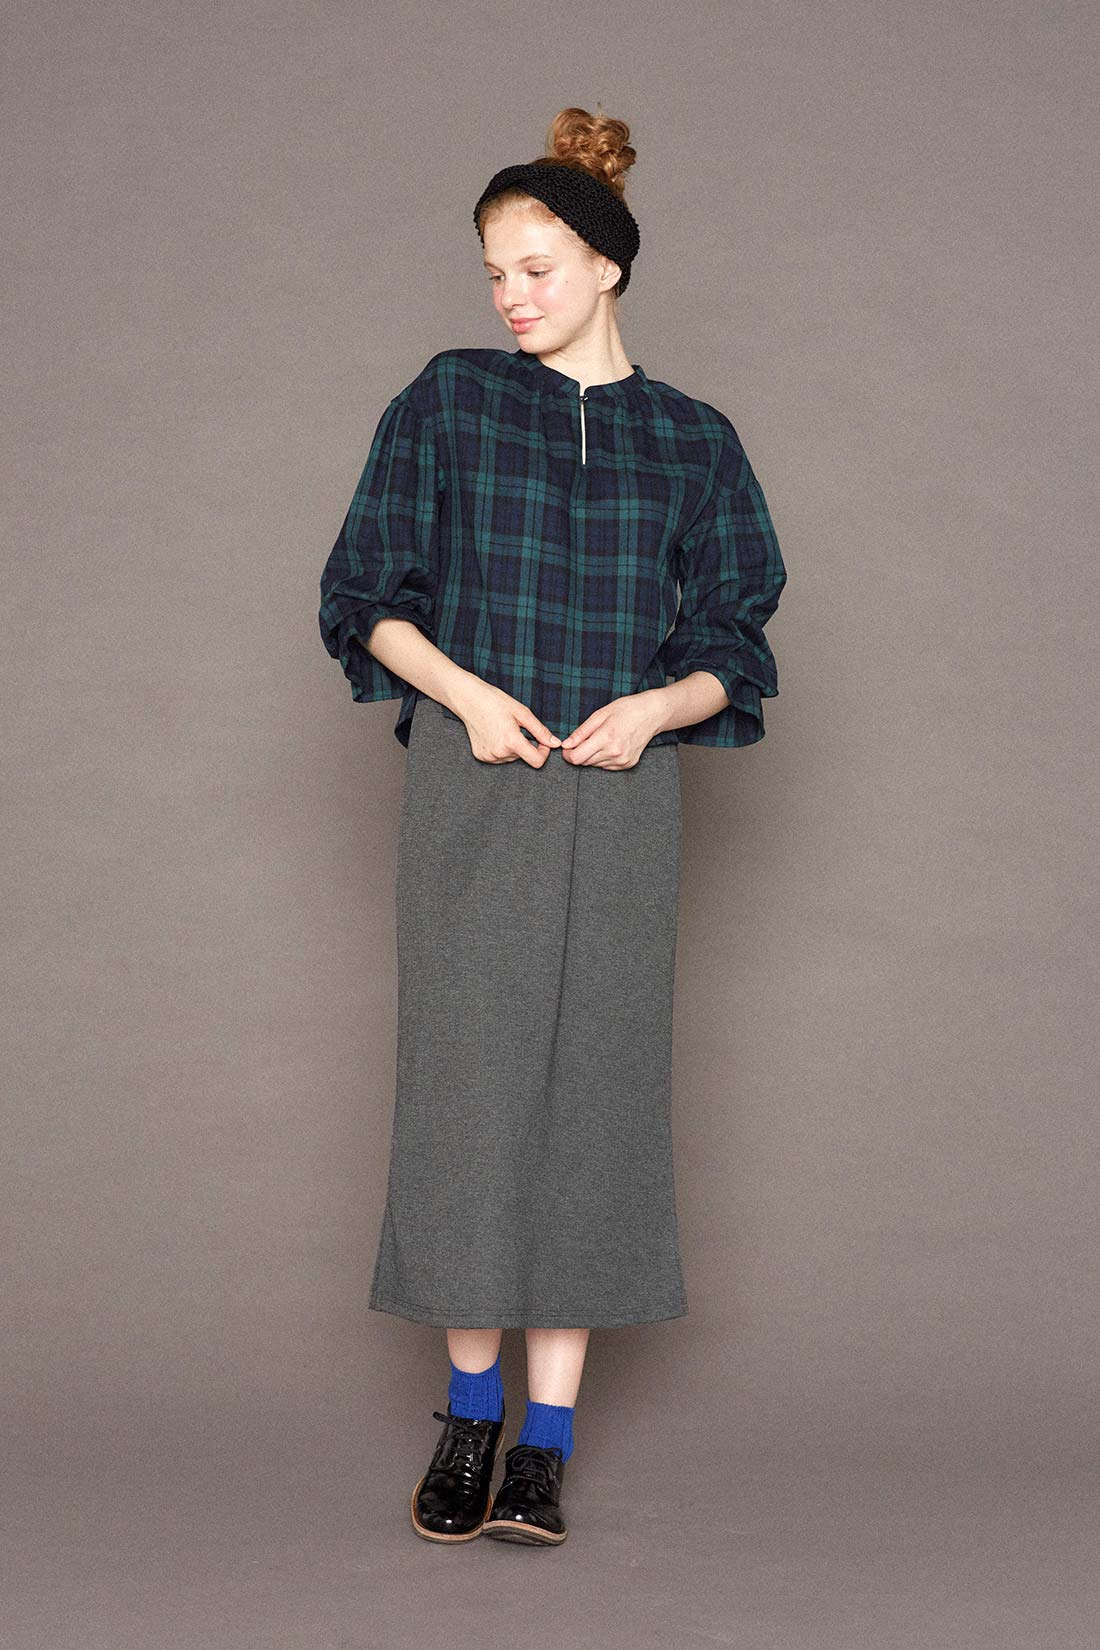 袖は長くしたまま着ても、少したくしあげて、ボリュームを出して着てもかわいい。